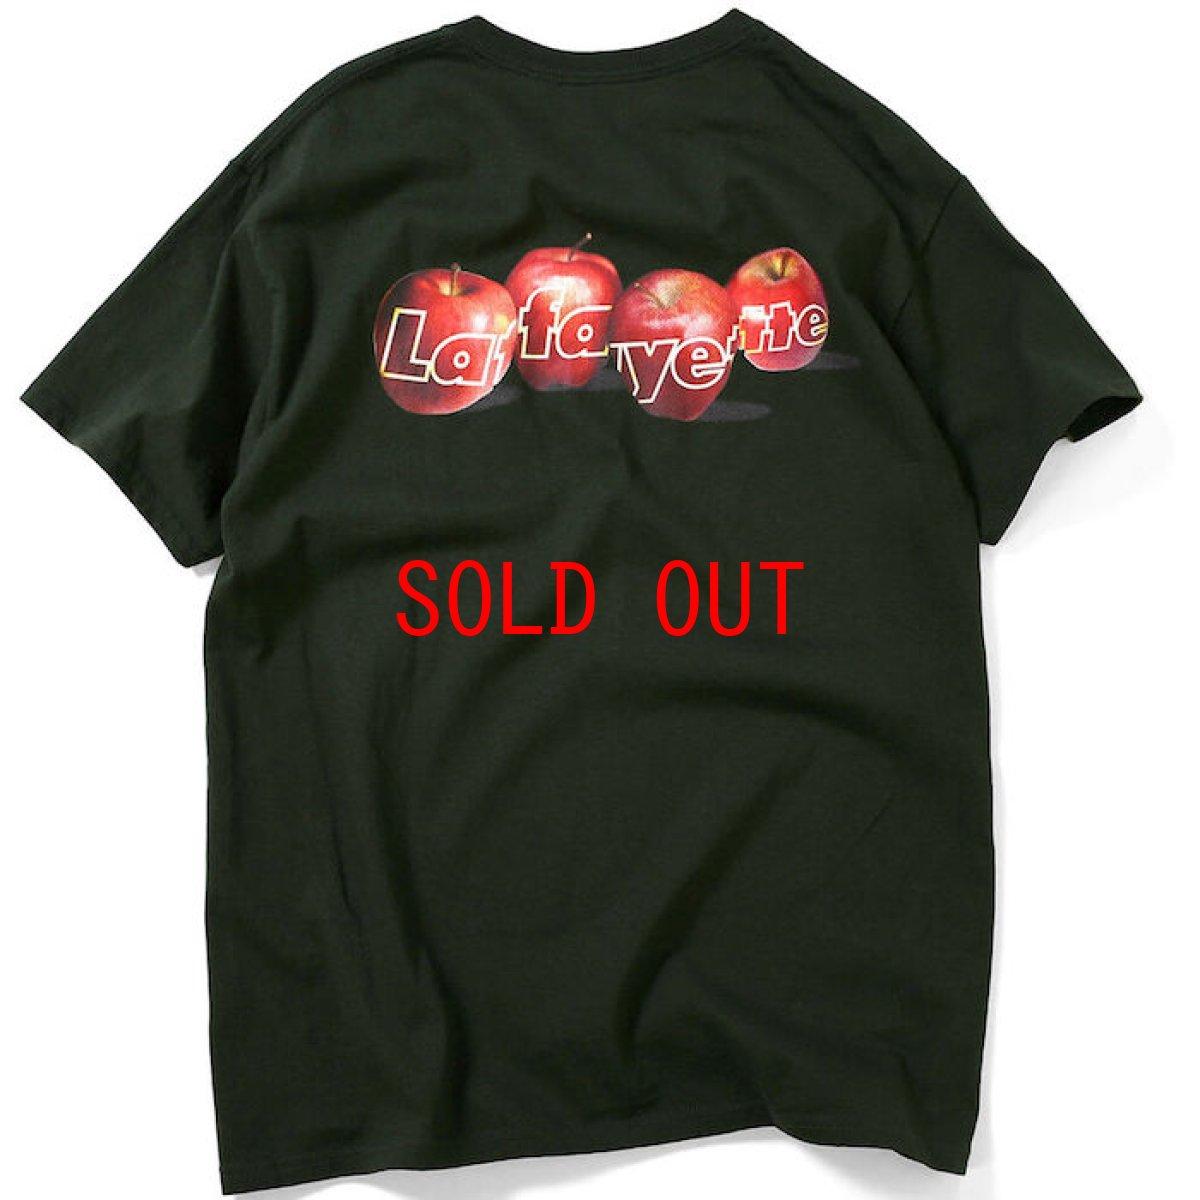 画像1: Lafayette(ラファイエット) Big Apple Pocket S/S Tee Forest Green ポケット Relax 半袖 Tシャツ (1)